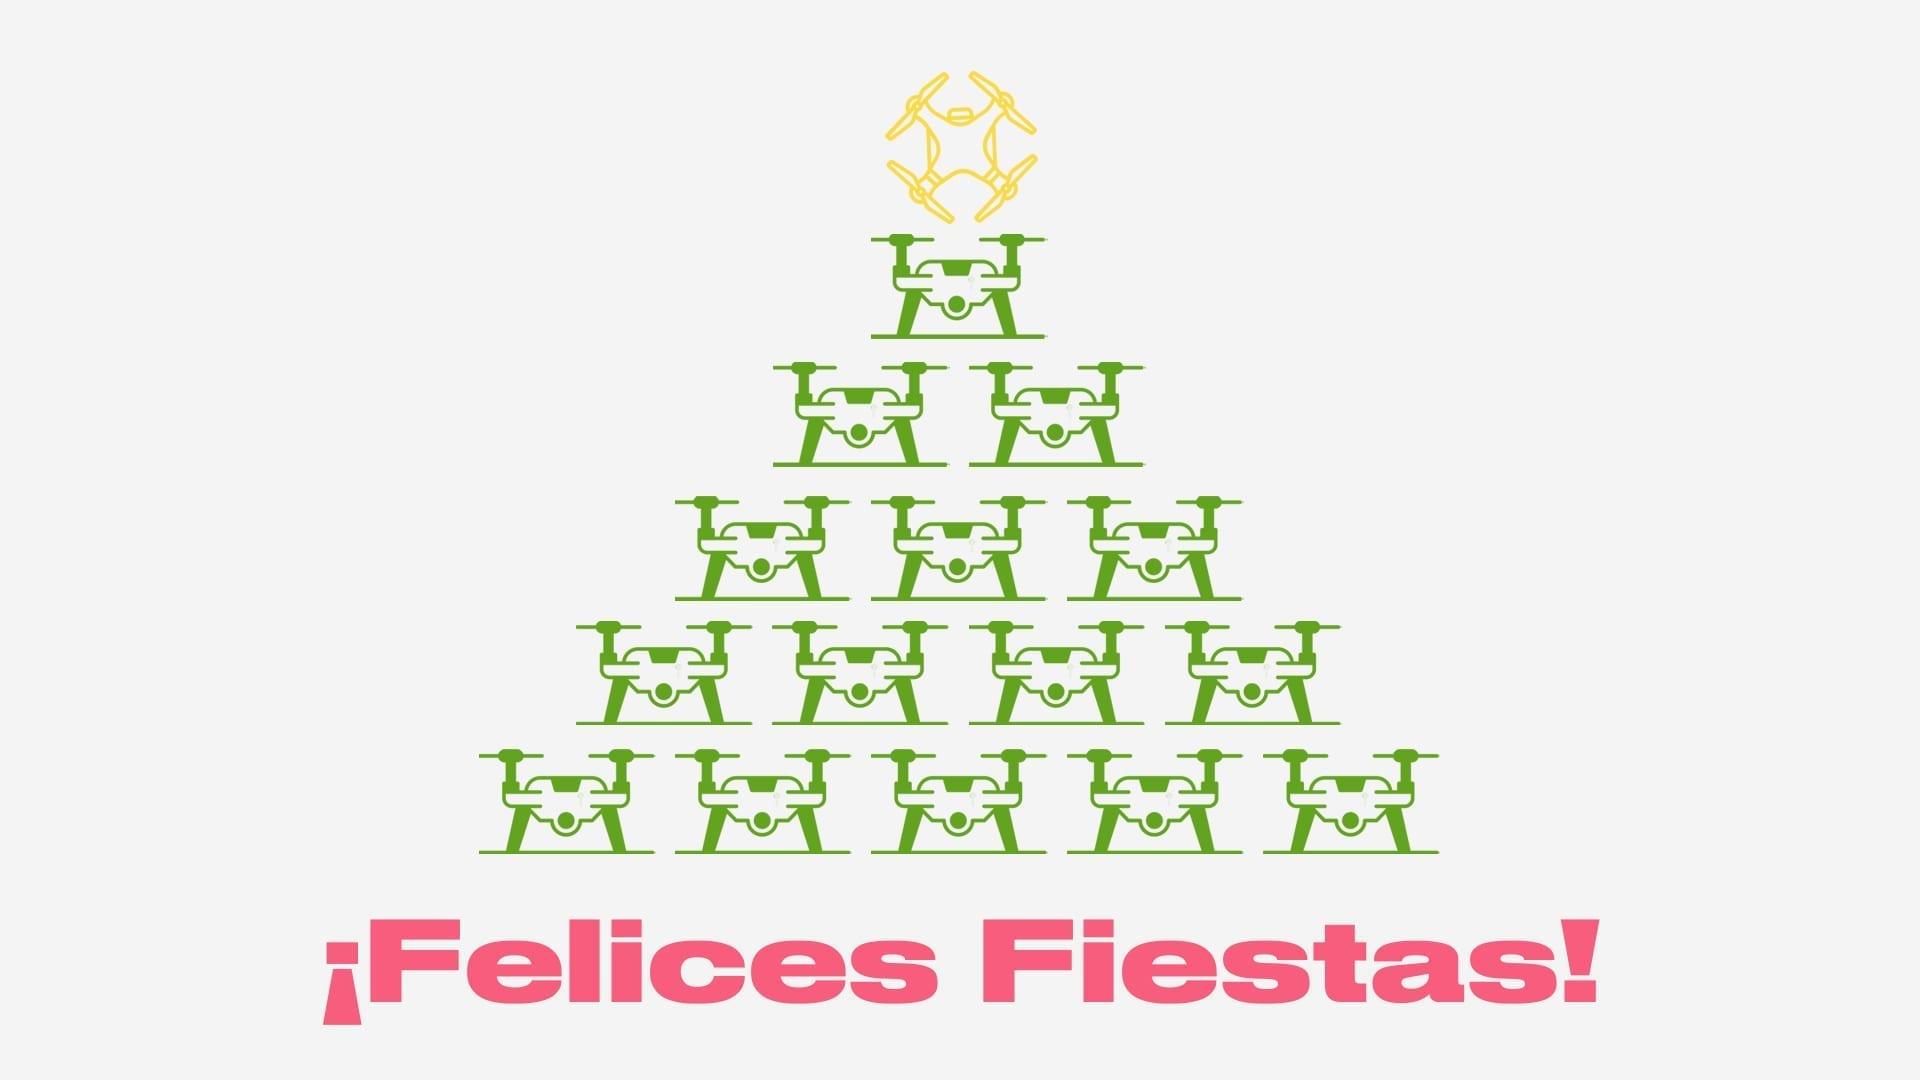 BCN Drone Center Felices Fiestas